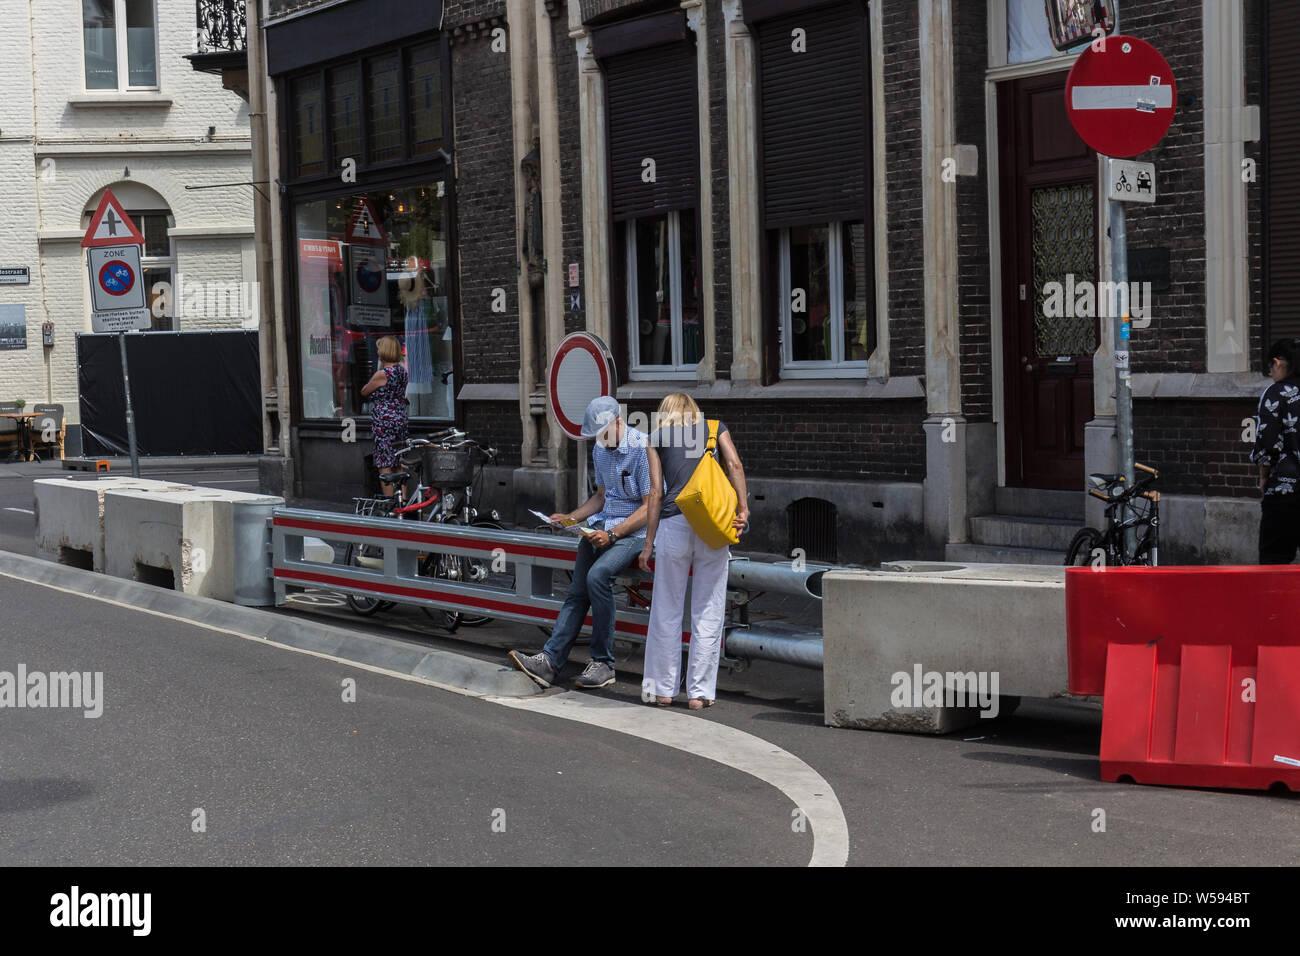 Las medidas de control de multitudes visible para prevenir ataques terroristas en la serie anual de conciertos al aire libre del violinista André Rieu en el centro de Maastricht Foto de stock